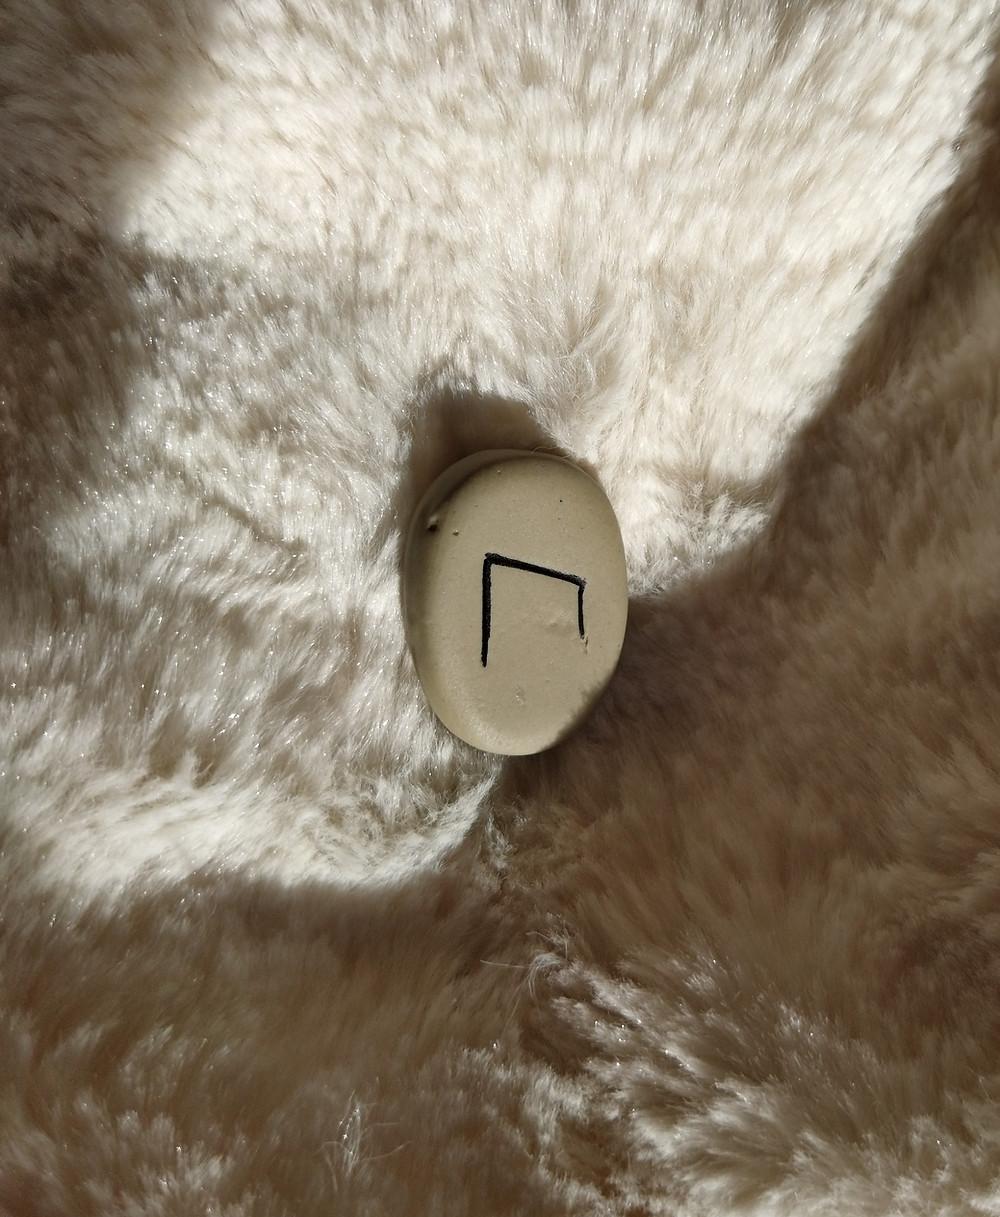 Comment interpréter le tirage de la rune Uruz, Ur, Uruz, Urur, Urus, Uraz ou Urs, selon son utilisation (symbolisme, signification ésotérique, soins, voyance, etc) ?